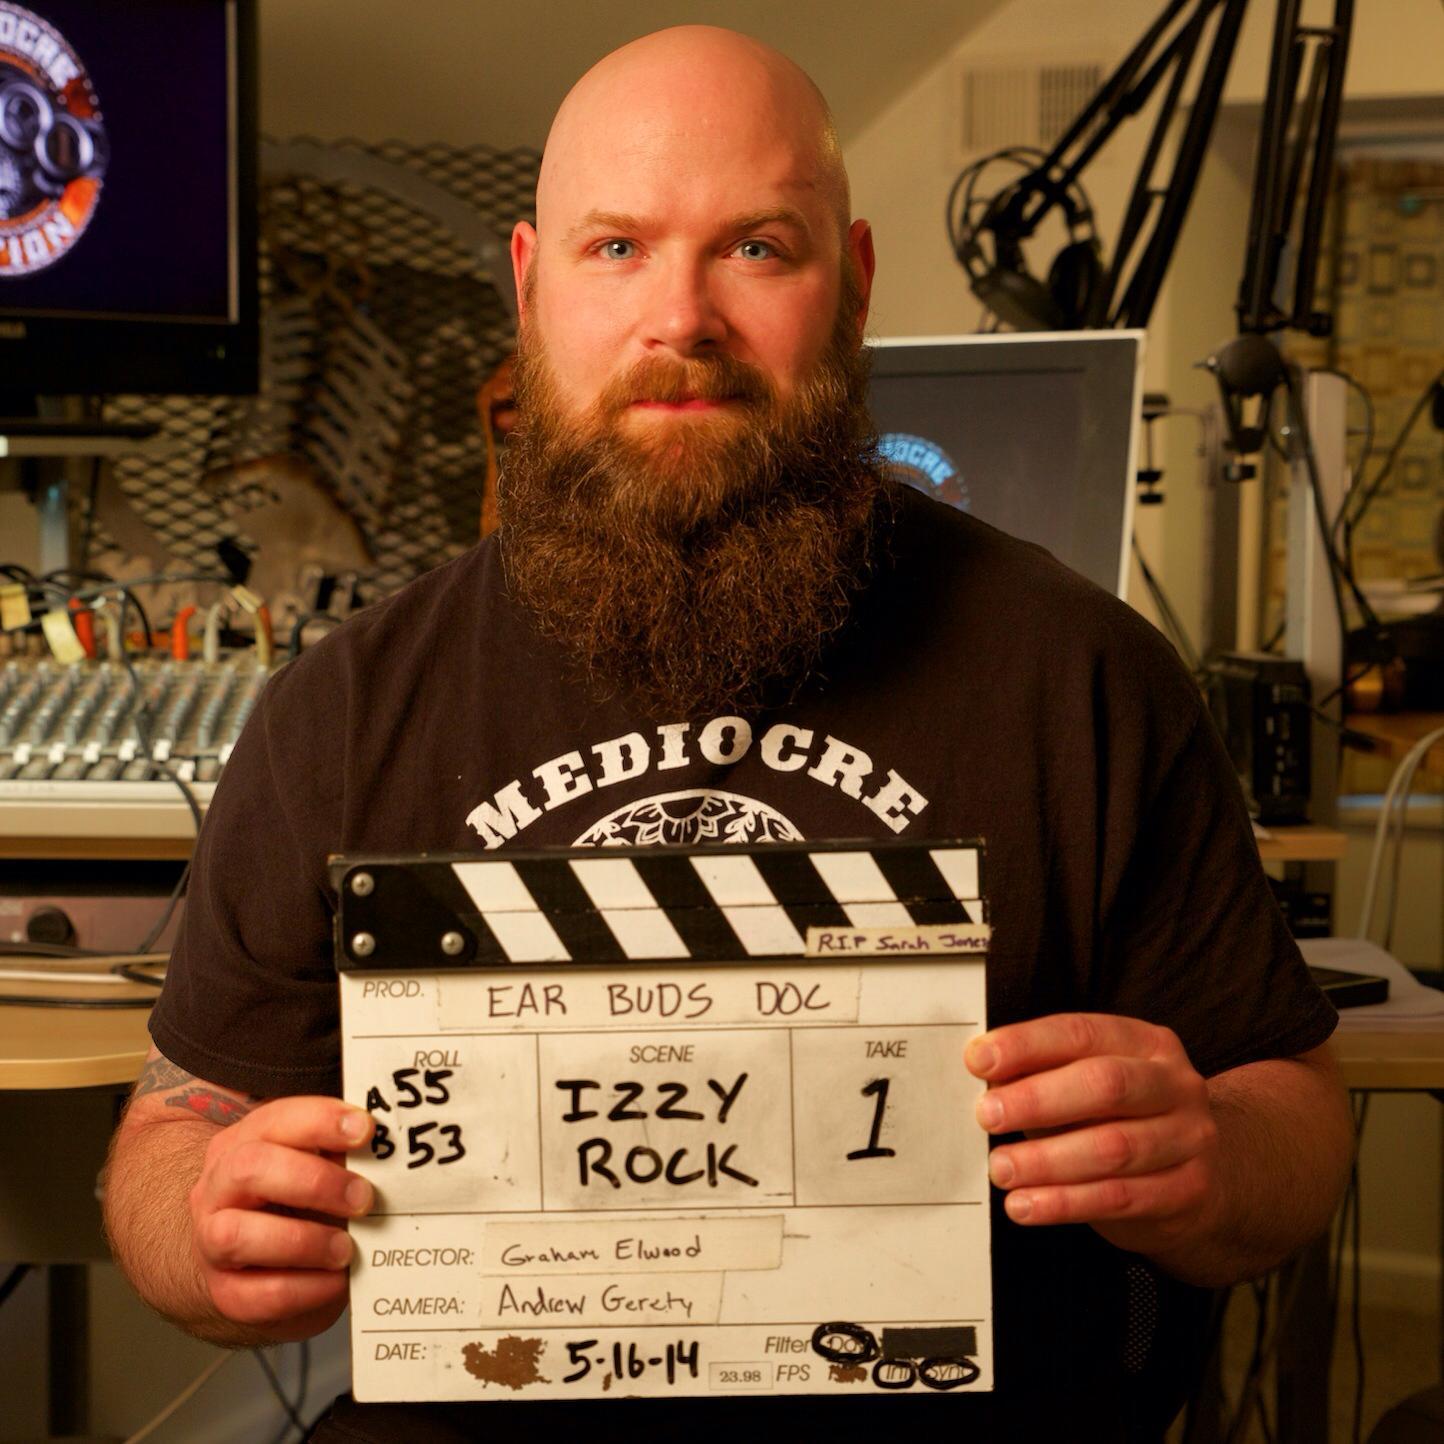 Izzy Rock